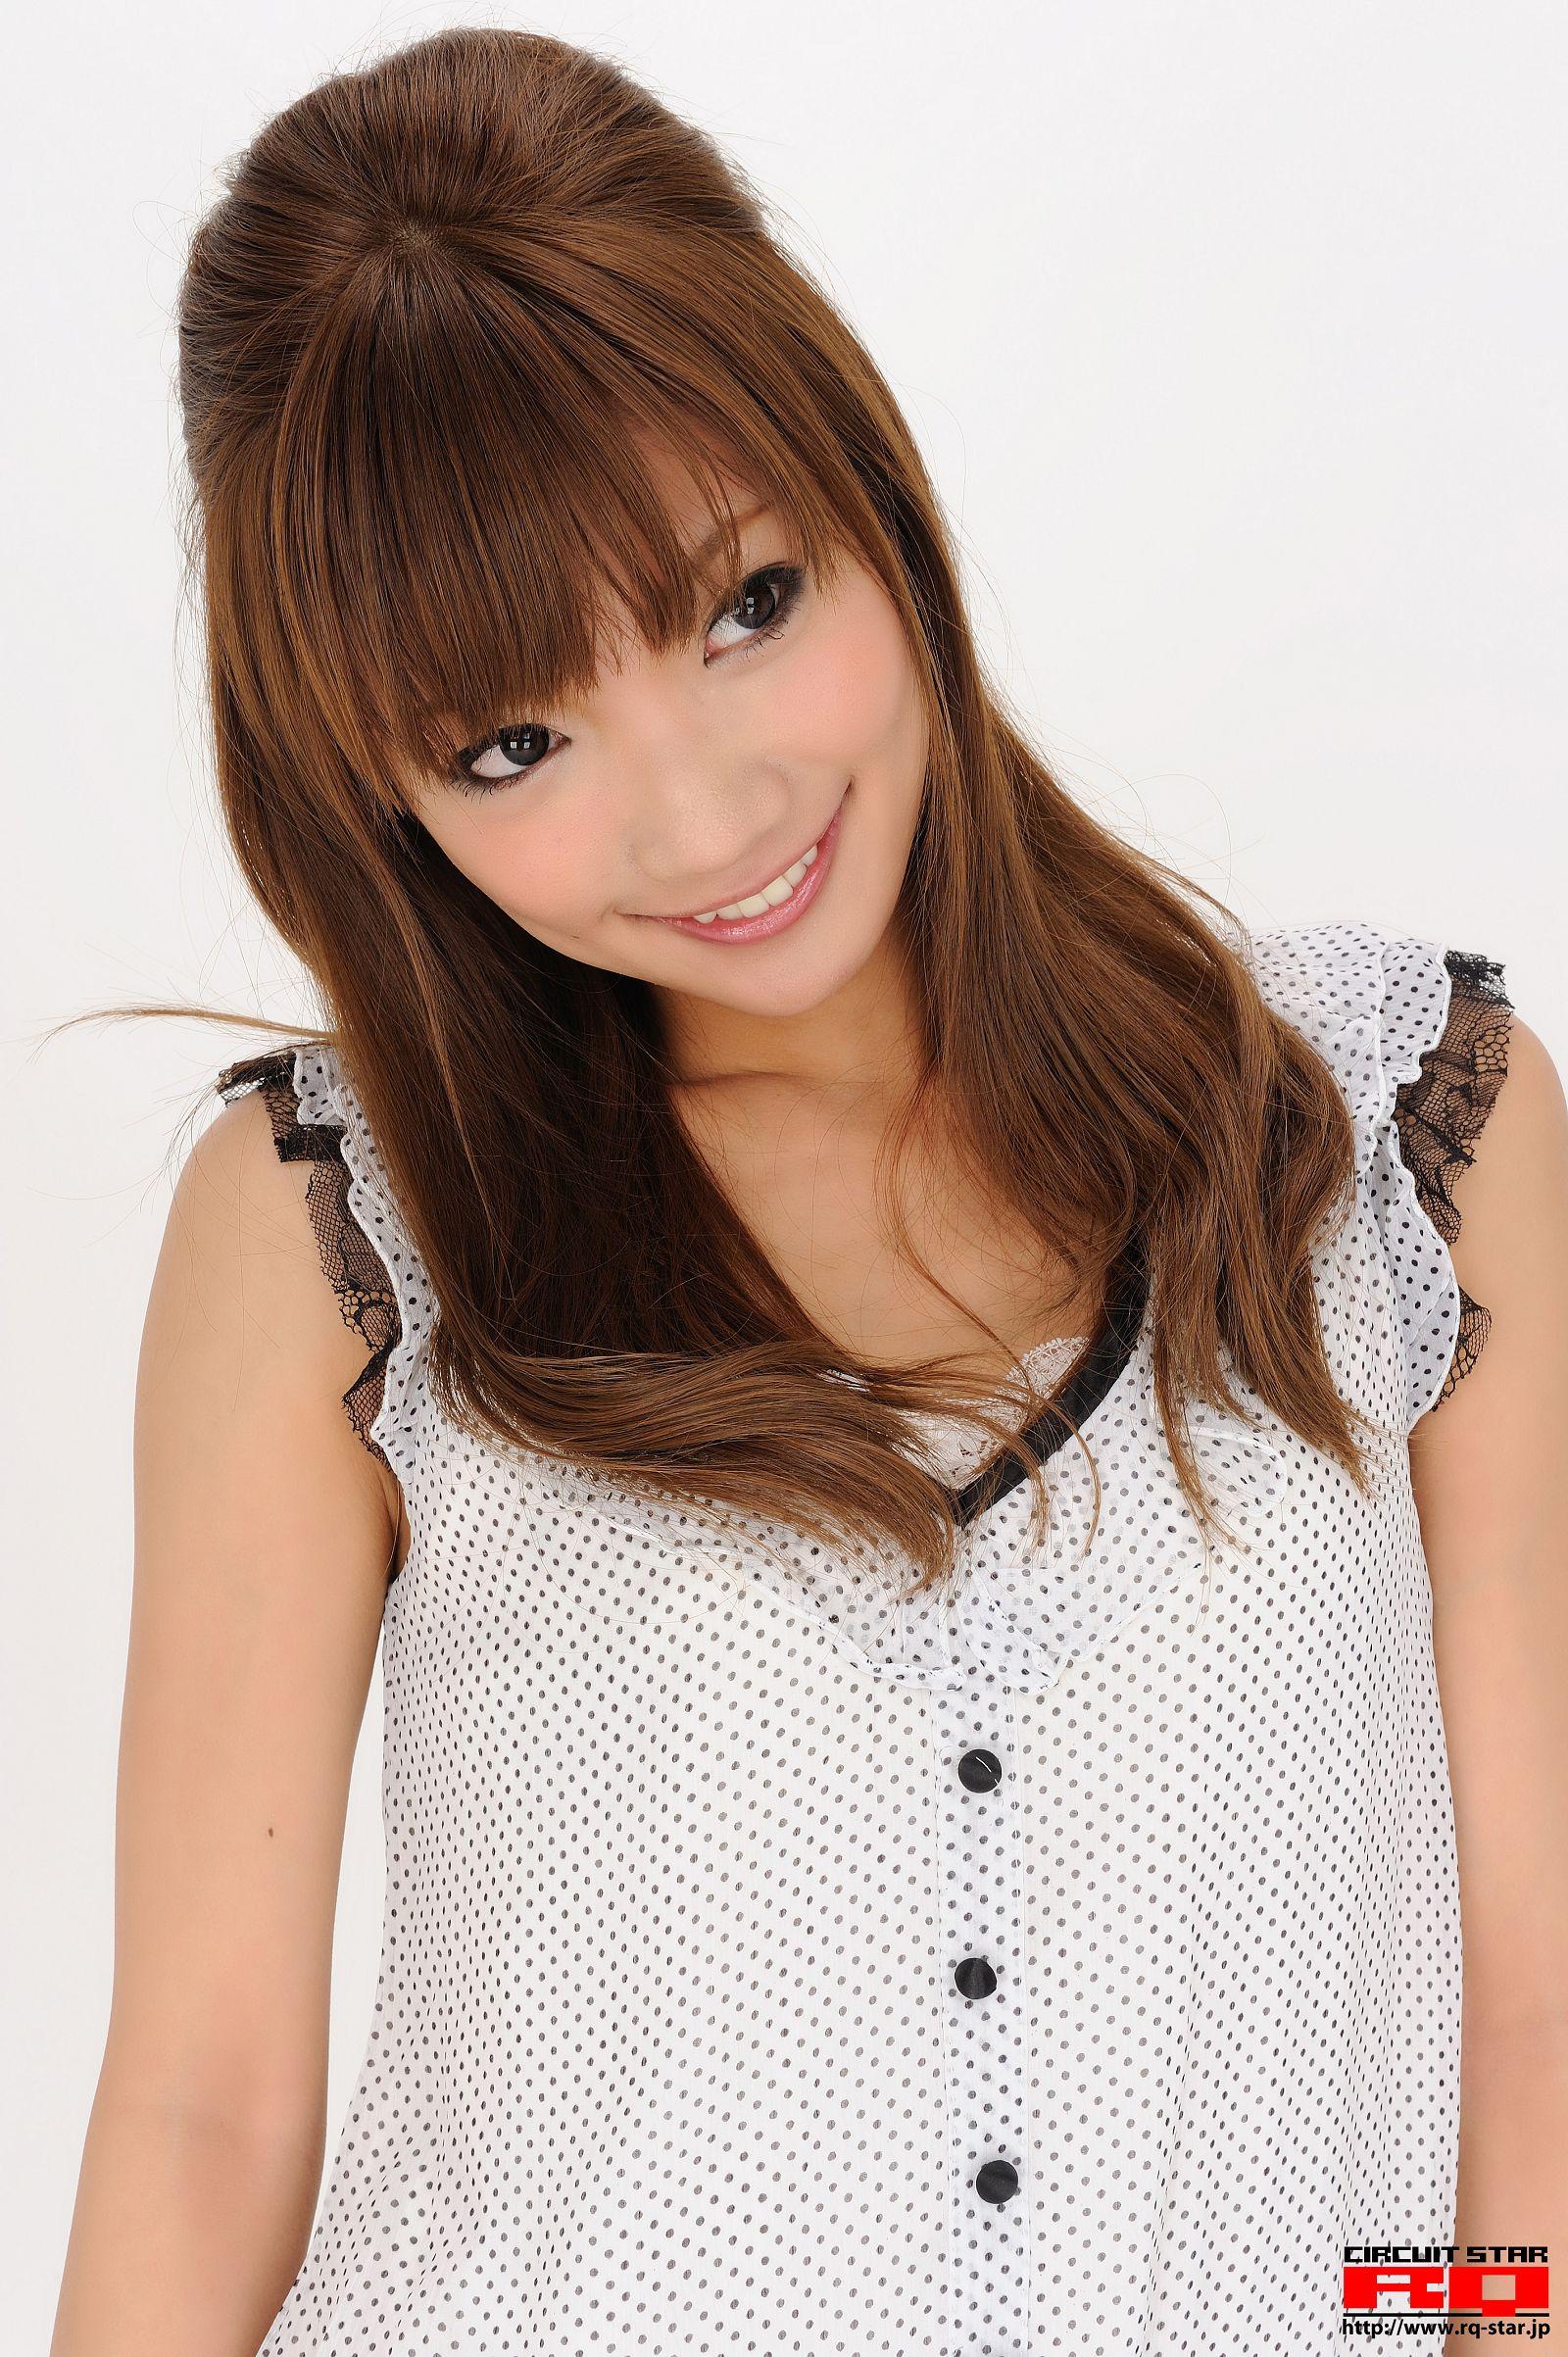 [RQ STAR美女] NO.0296 Junko Maya 真野淳子 Private Dress[60P] RQ STAR 第4张